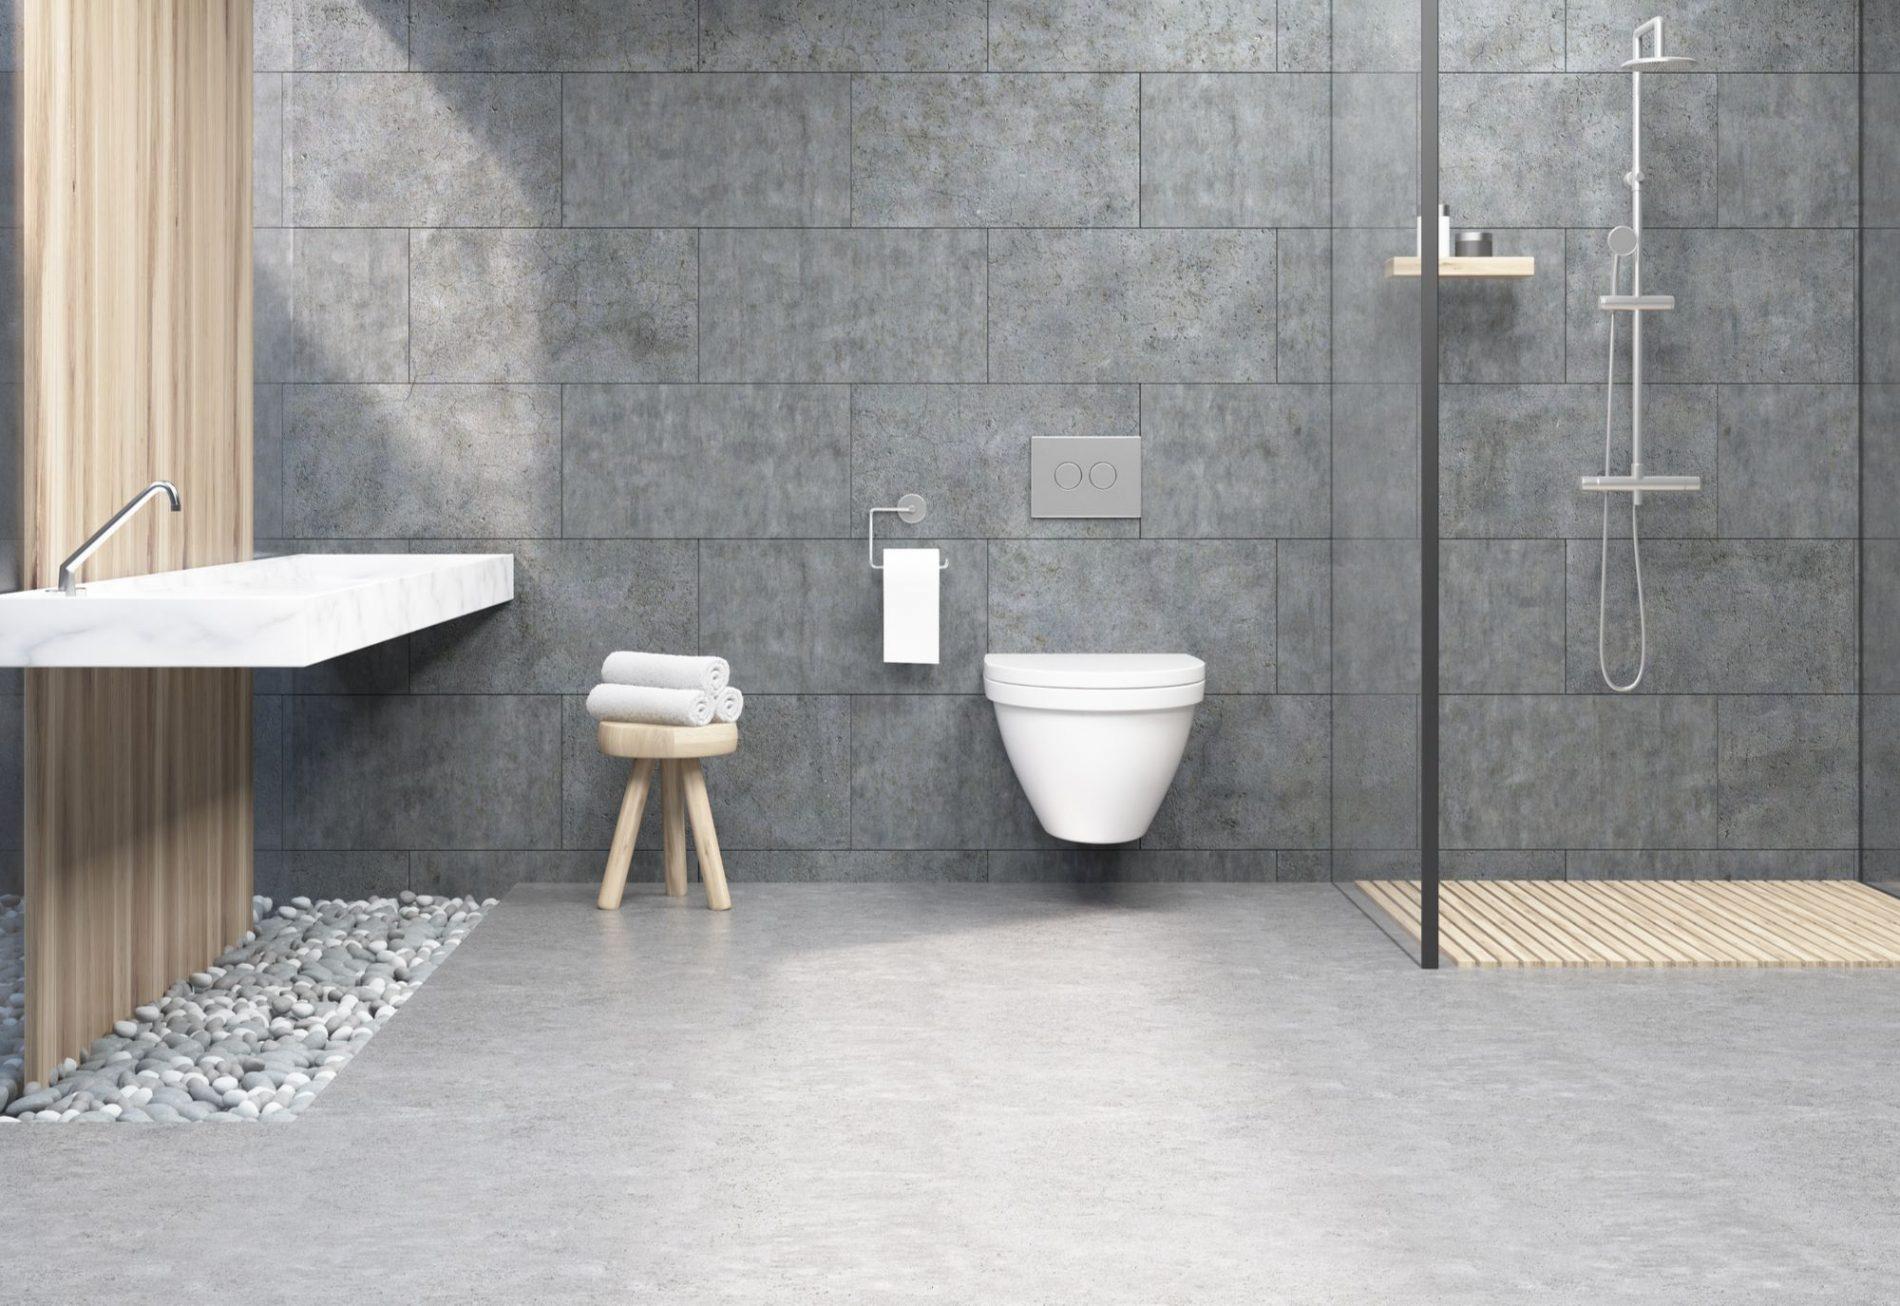 Combien De Wc Dans Une Maison comment remplacer, changer, rénover des toilettes ou wc